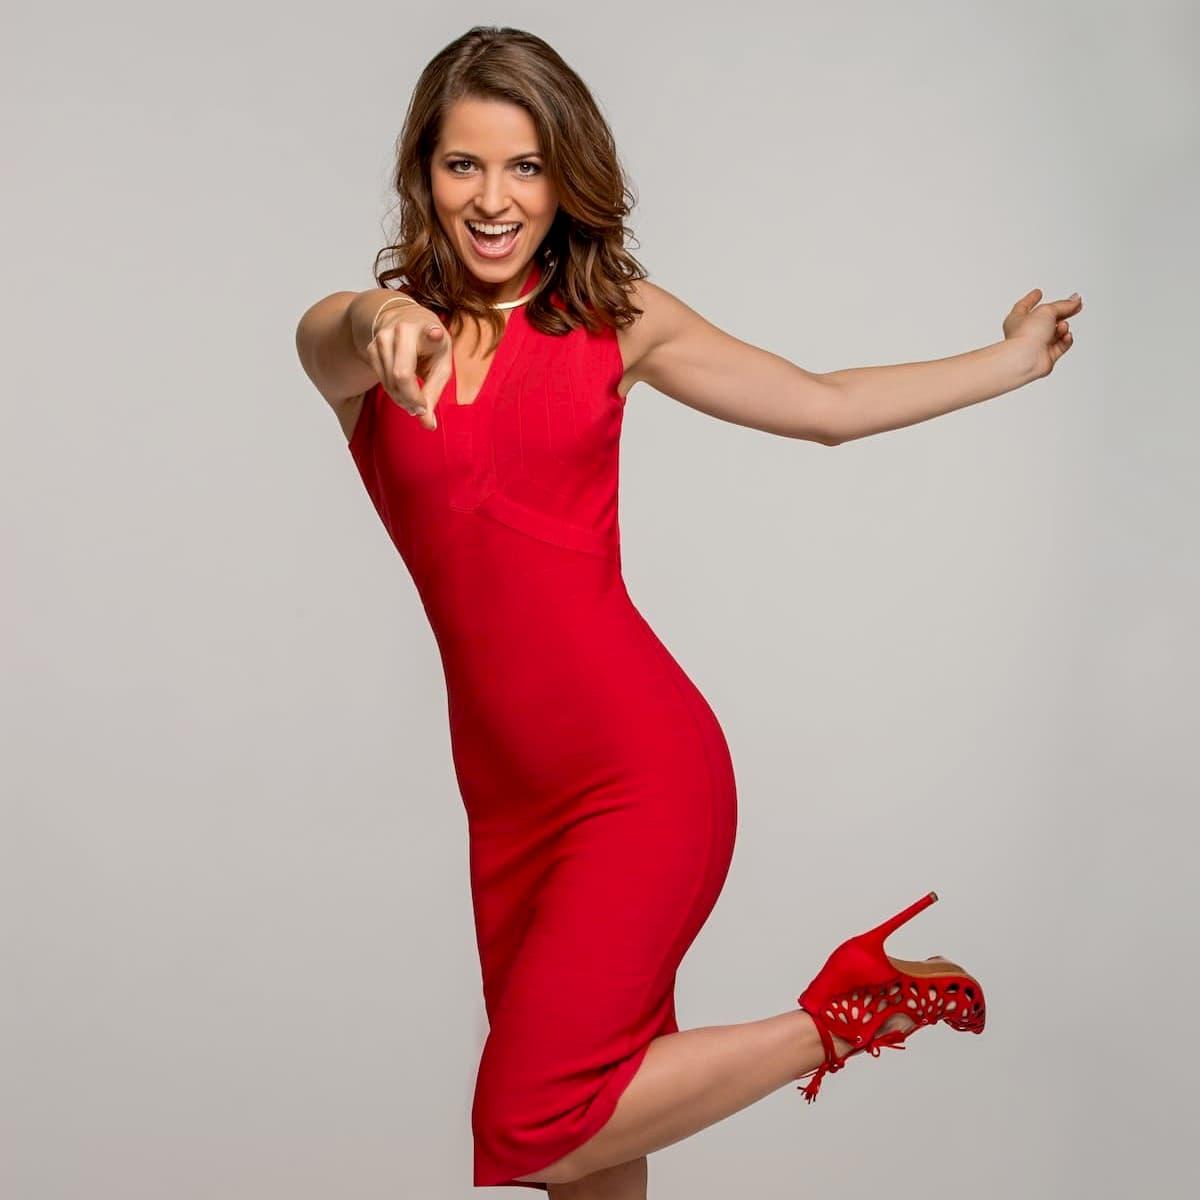 Kristina Inhof neue Moderatorin bei den Dancing Stars 2020 ab dem 25.9.202